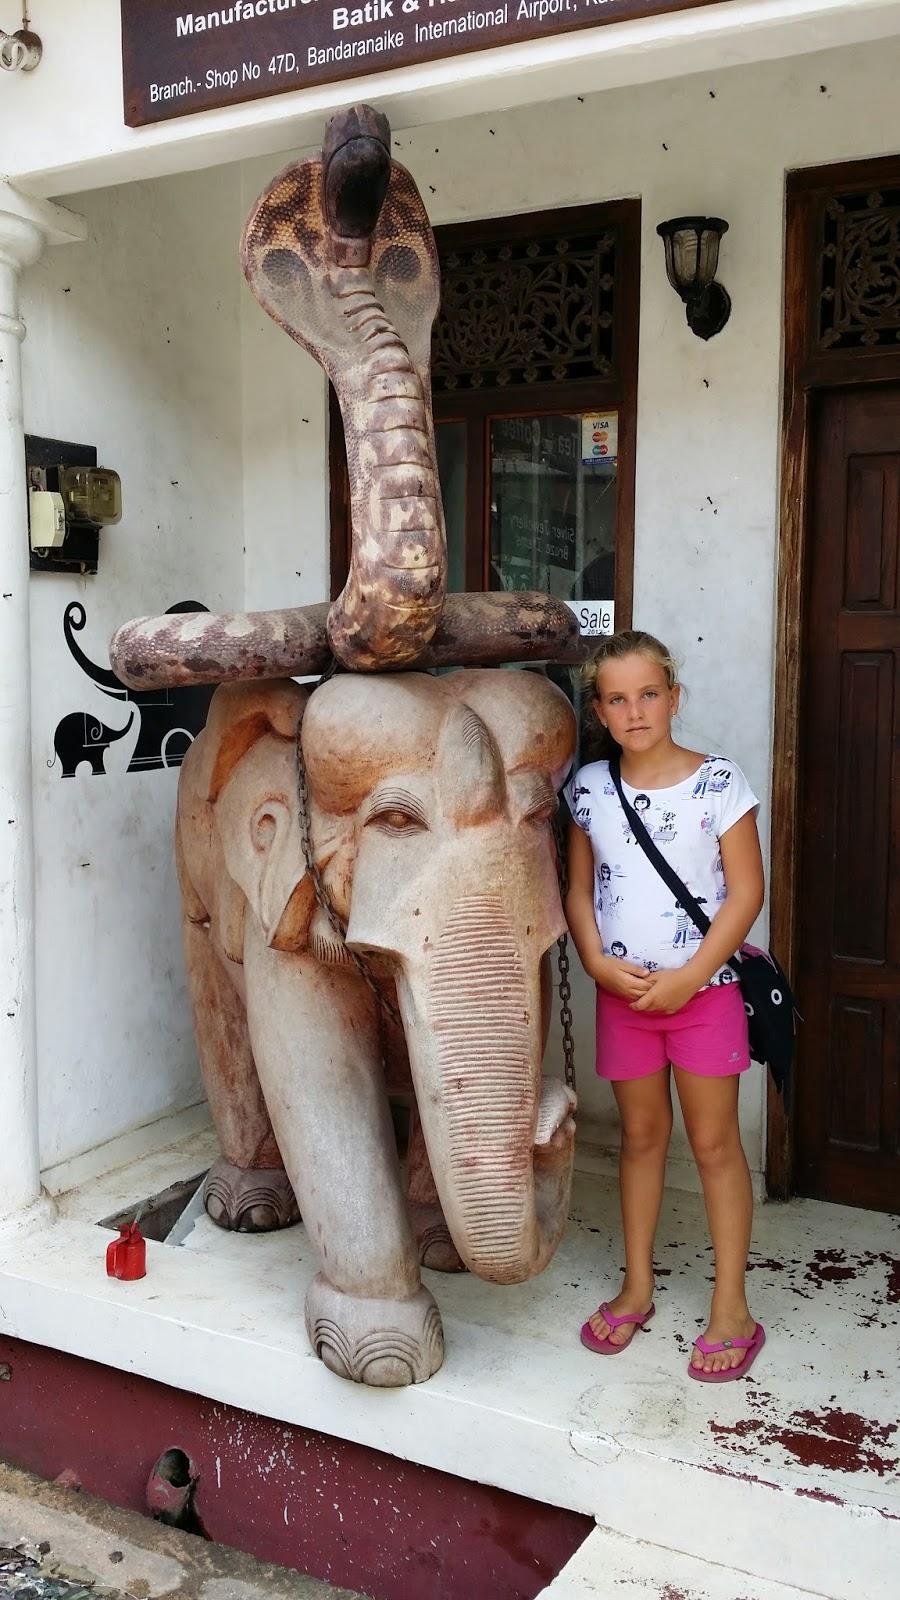 Tienda en Galle (Sri Lanka)